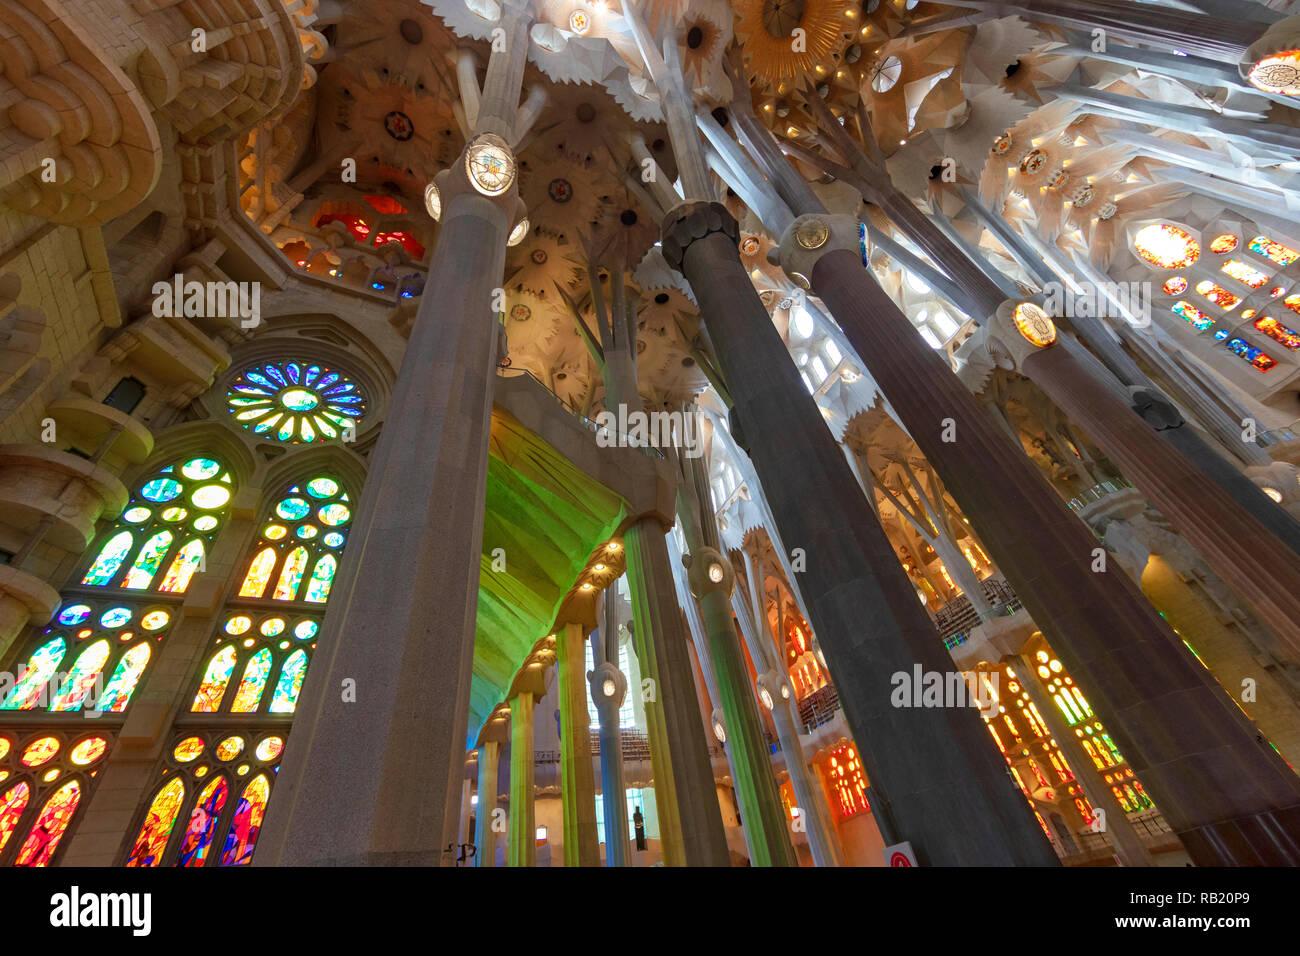 Innenansicht, Deckengewölbe Sagrada Familia, Barcelona, Spanien - Stock Image